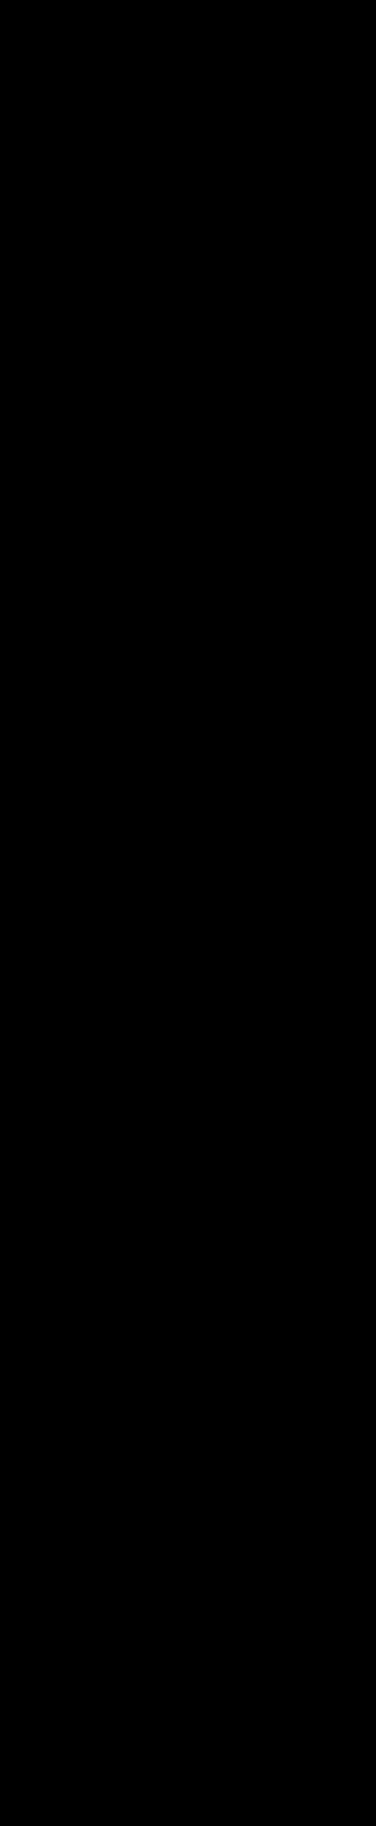 คอร์ดกีตา คอร์ดกีต้าร์ เพลง สันดานเจ้าชู้(ควาย 2)